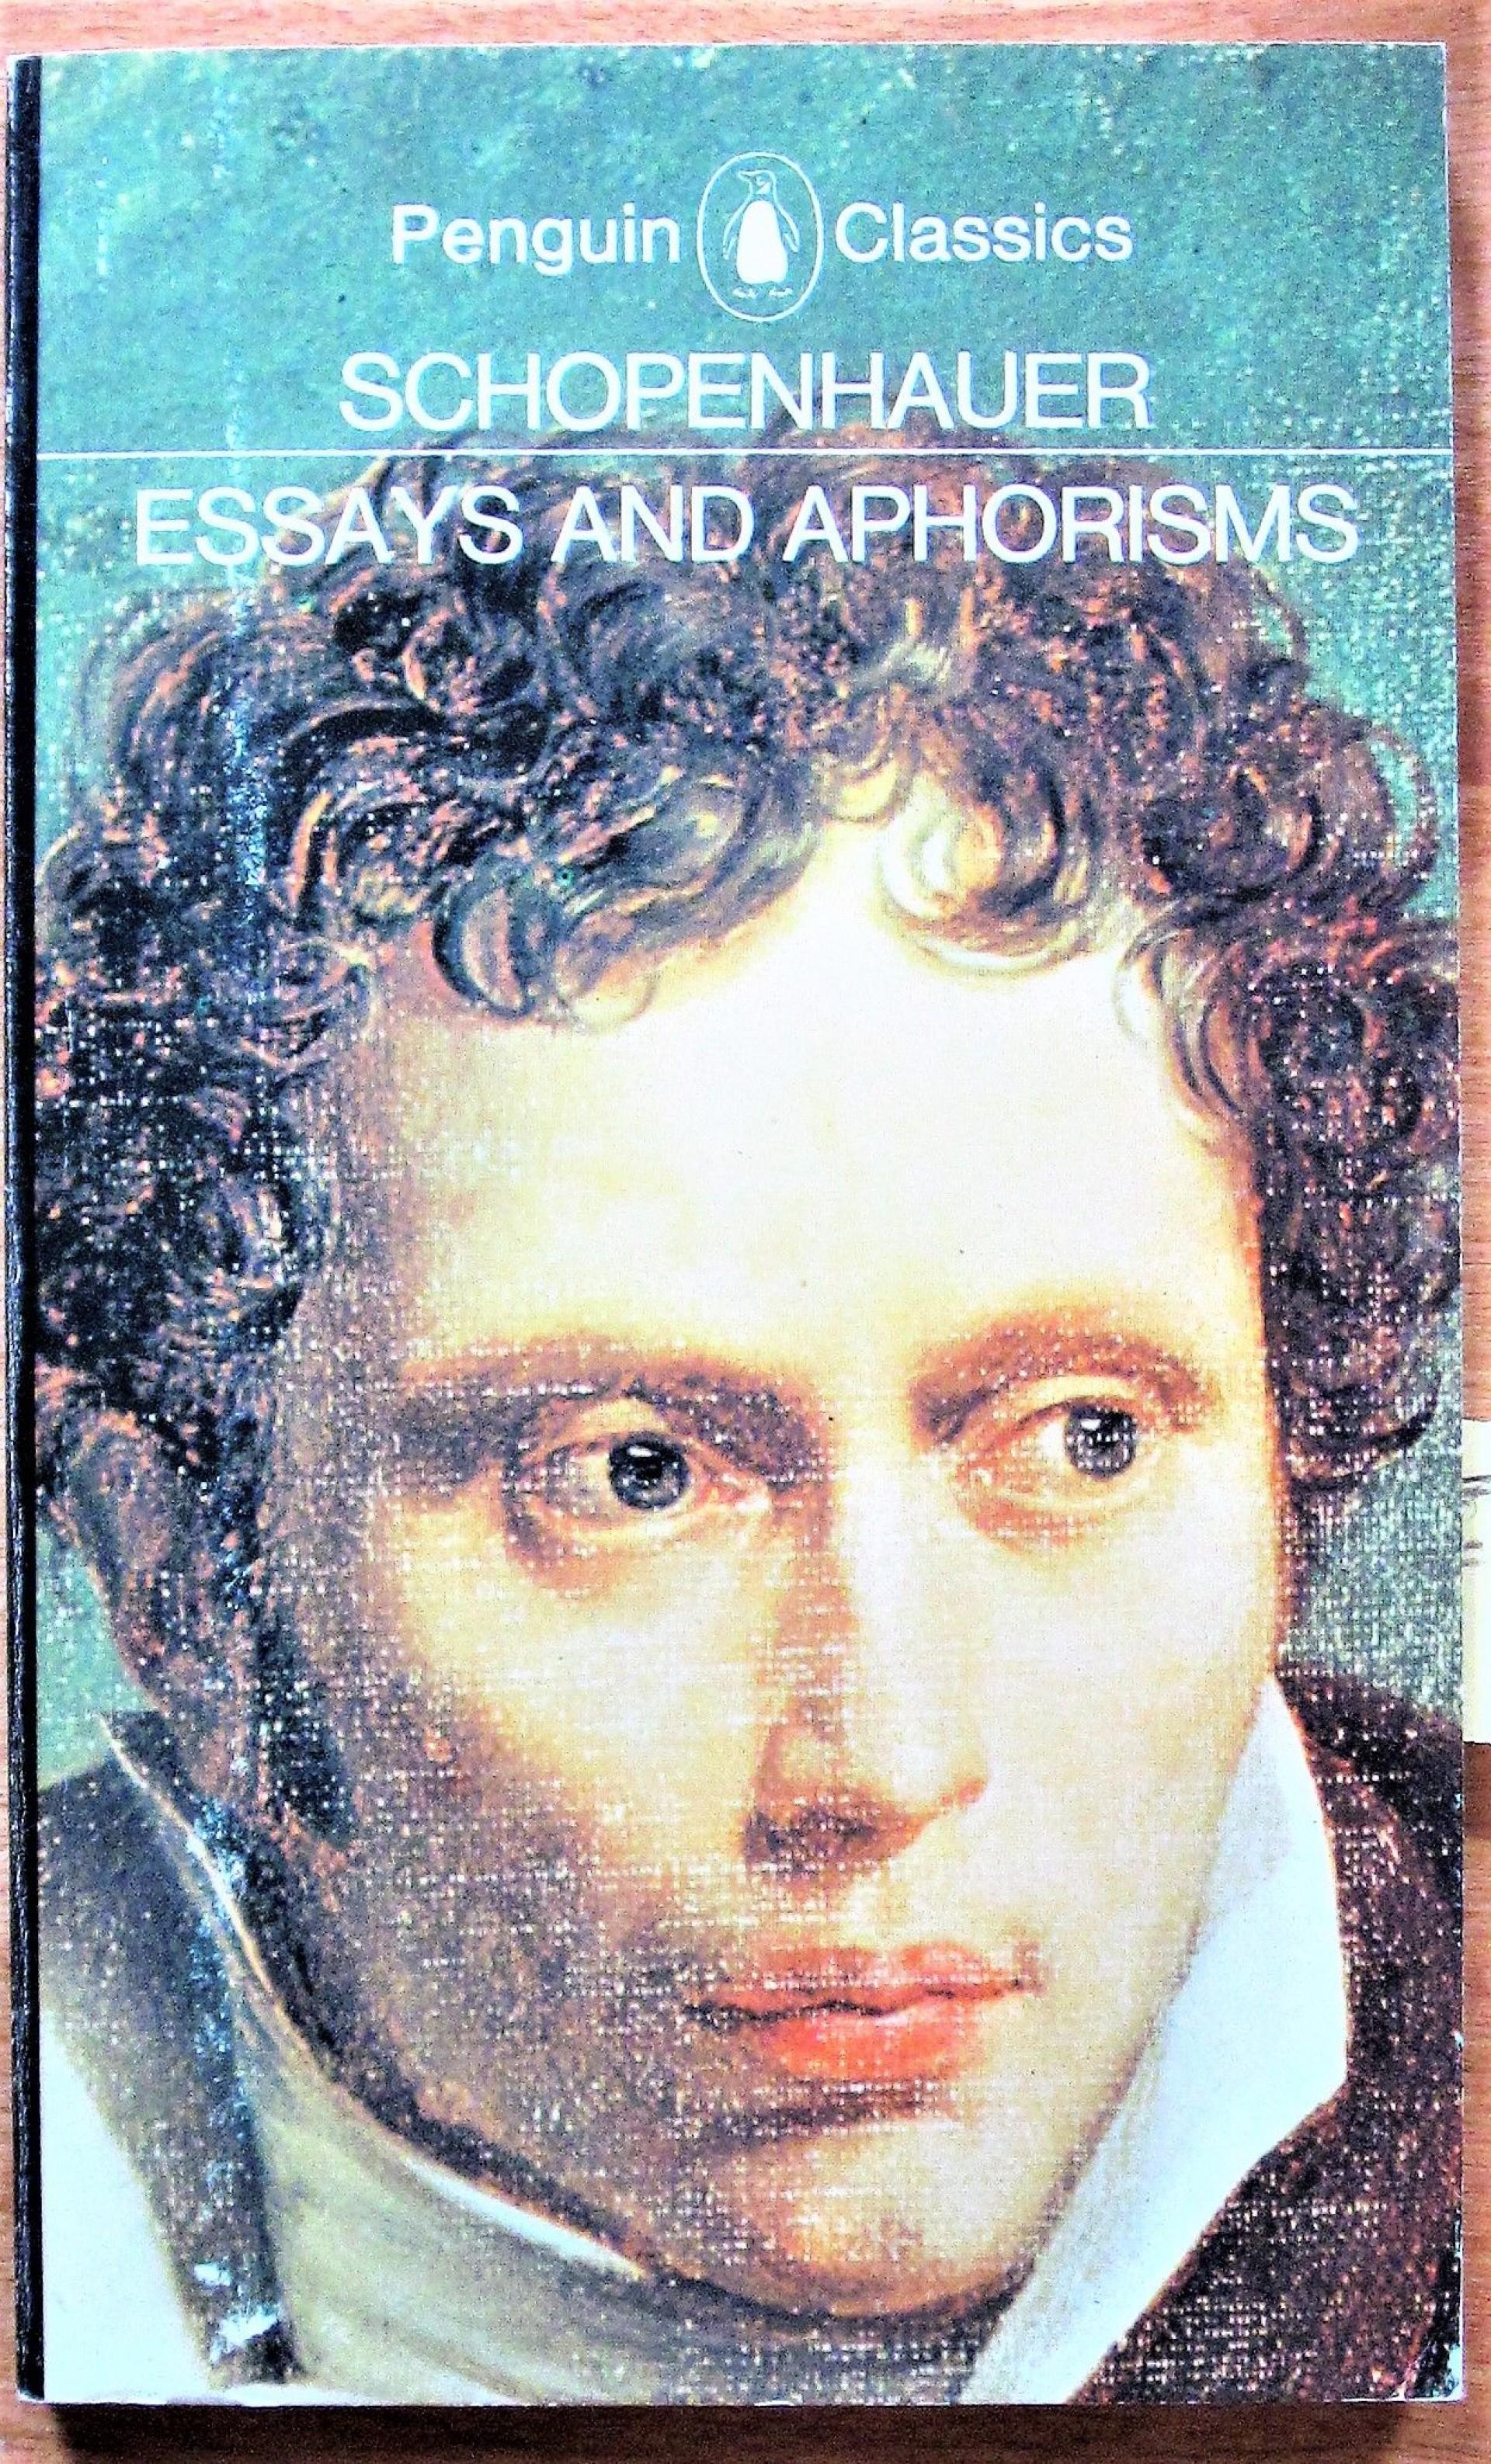 003 Essays And Aphorisms X Essay Frightening Pdf Schopenhauer 1920